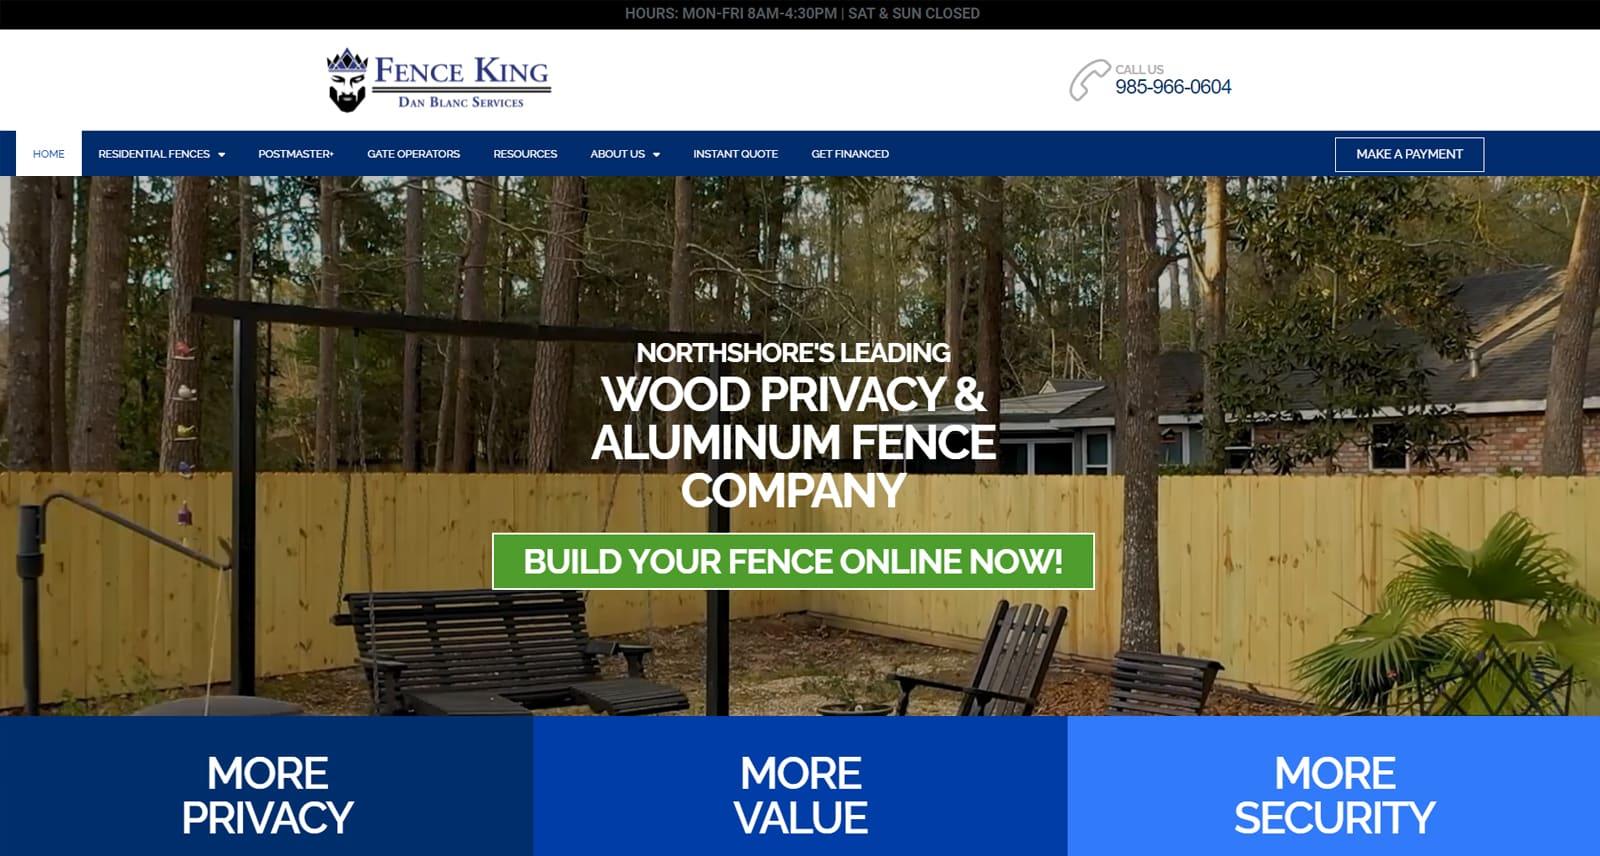 Fence King Website After